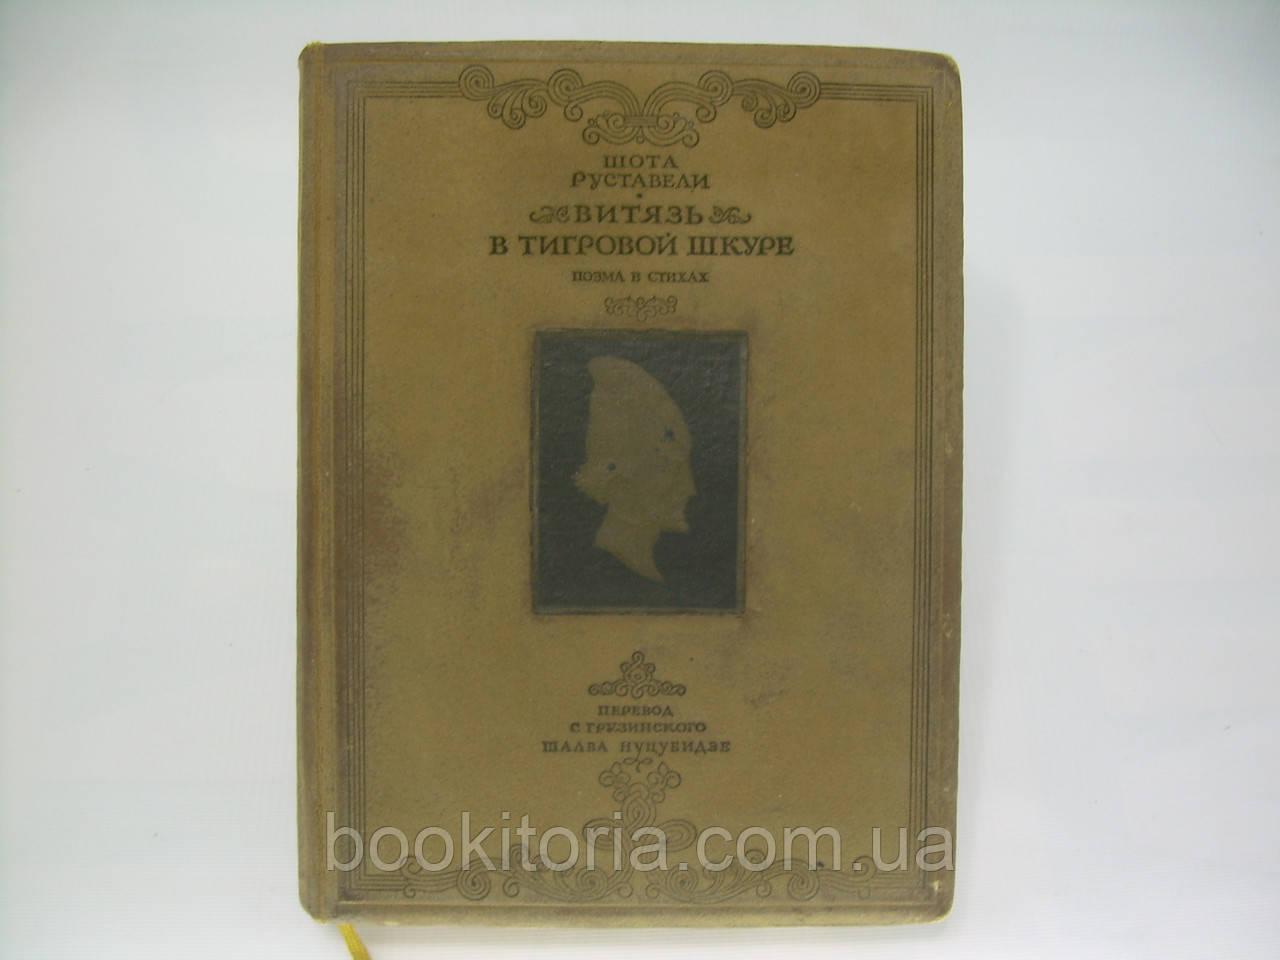 Руставели Ш. Витязь в тигровой шкуре. Поэма в стихах (б/у).